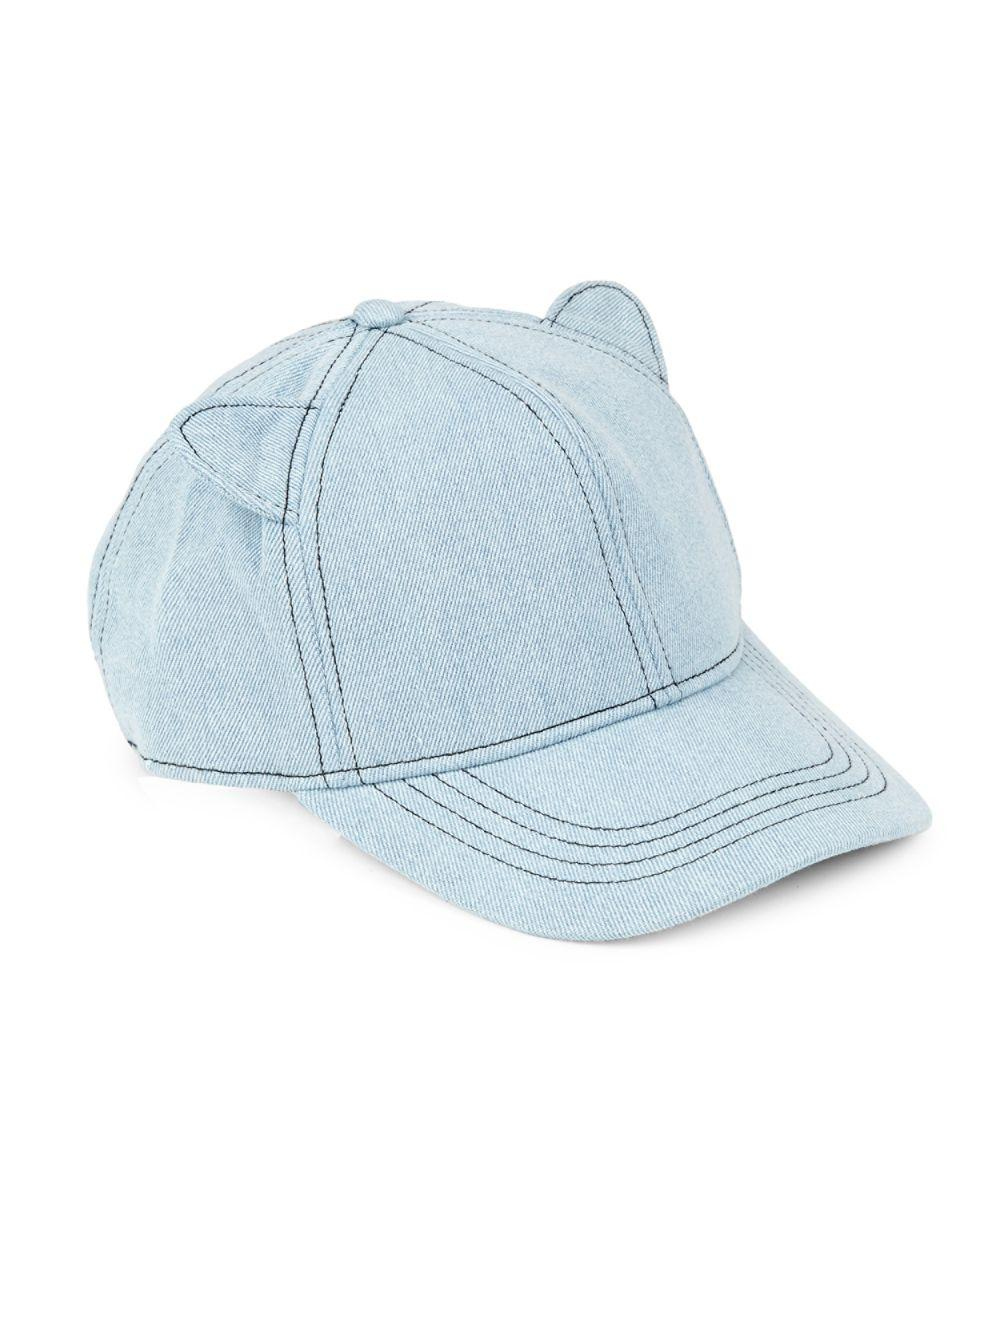 Lyst - Karl Lagerfeld Cat Ears Baseball Hat in Blue for Men 4836b716a68